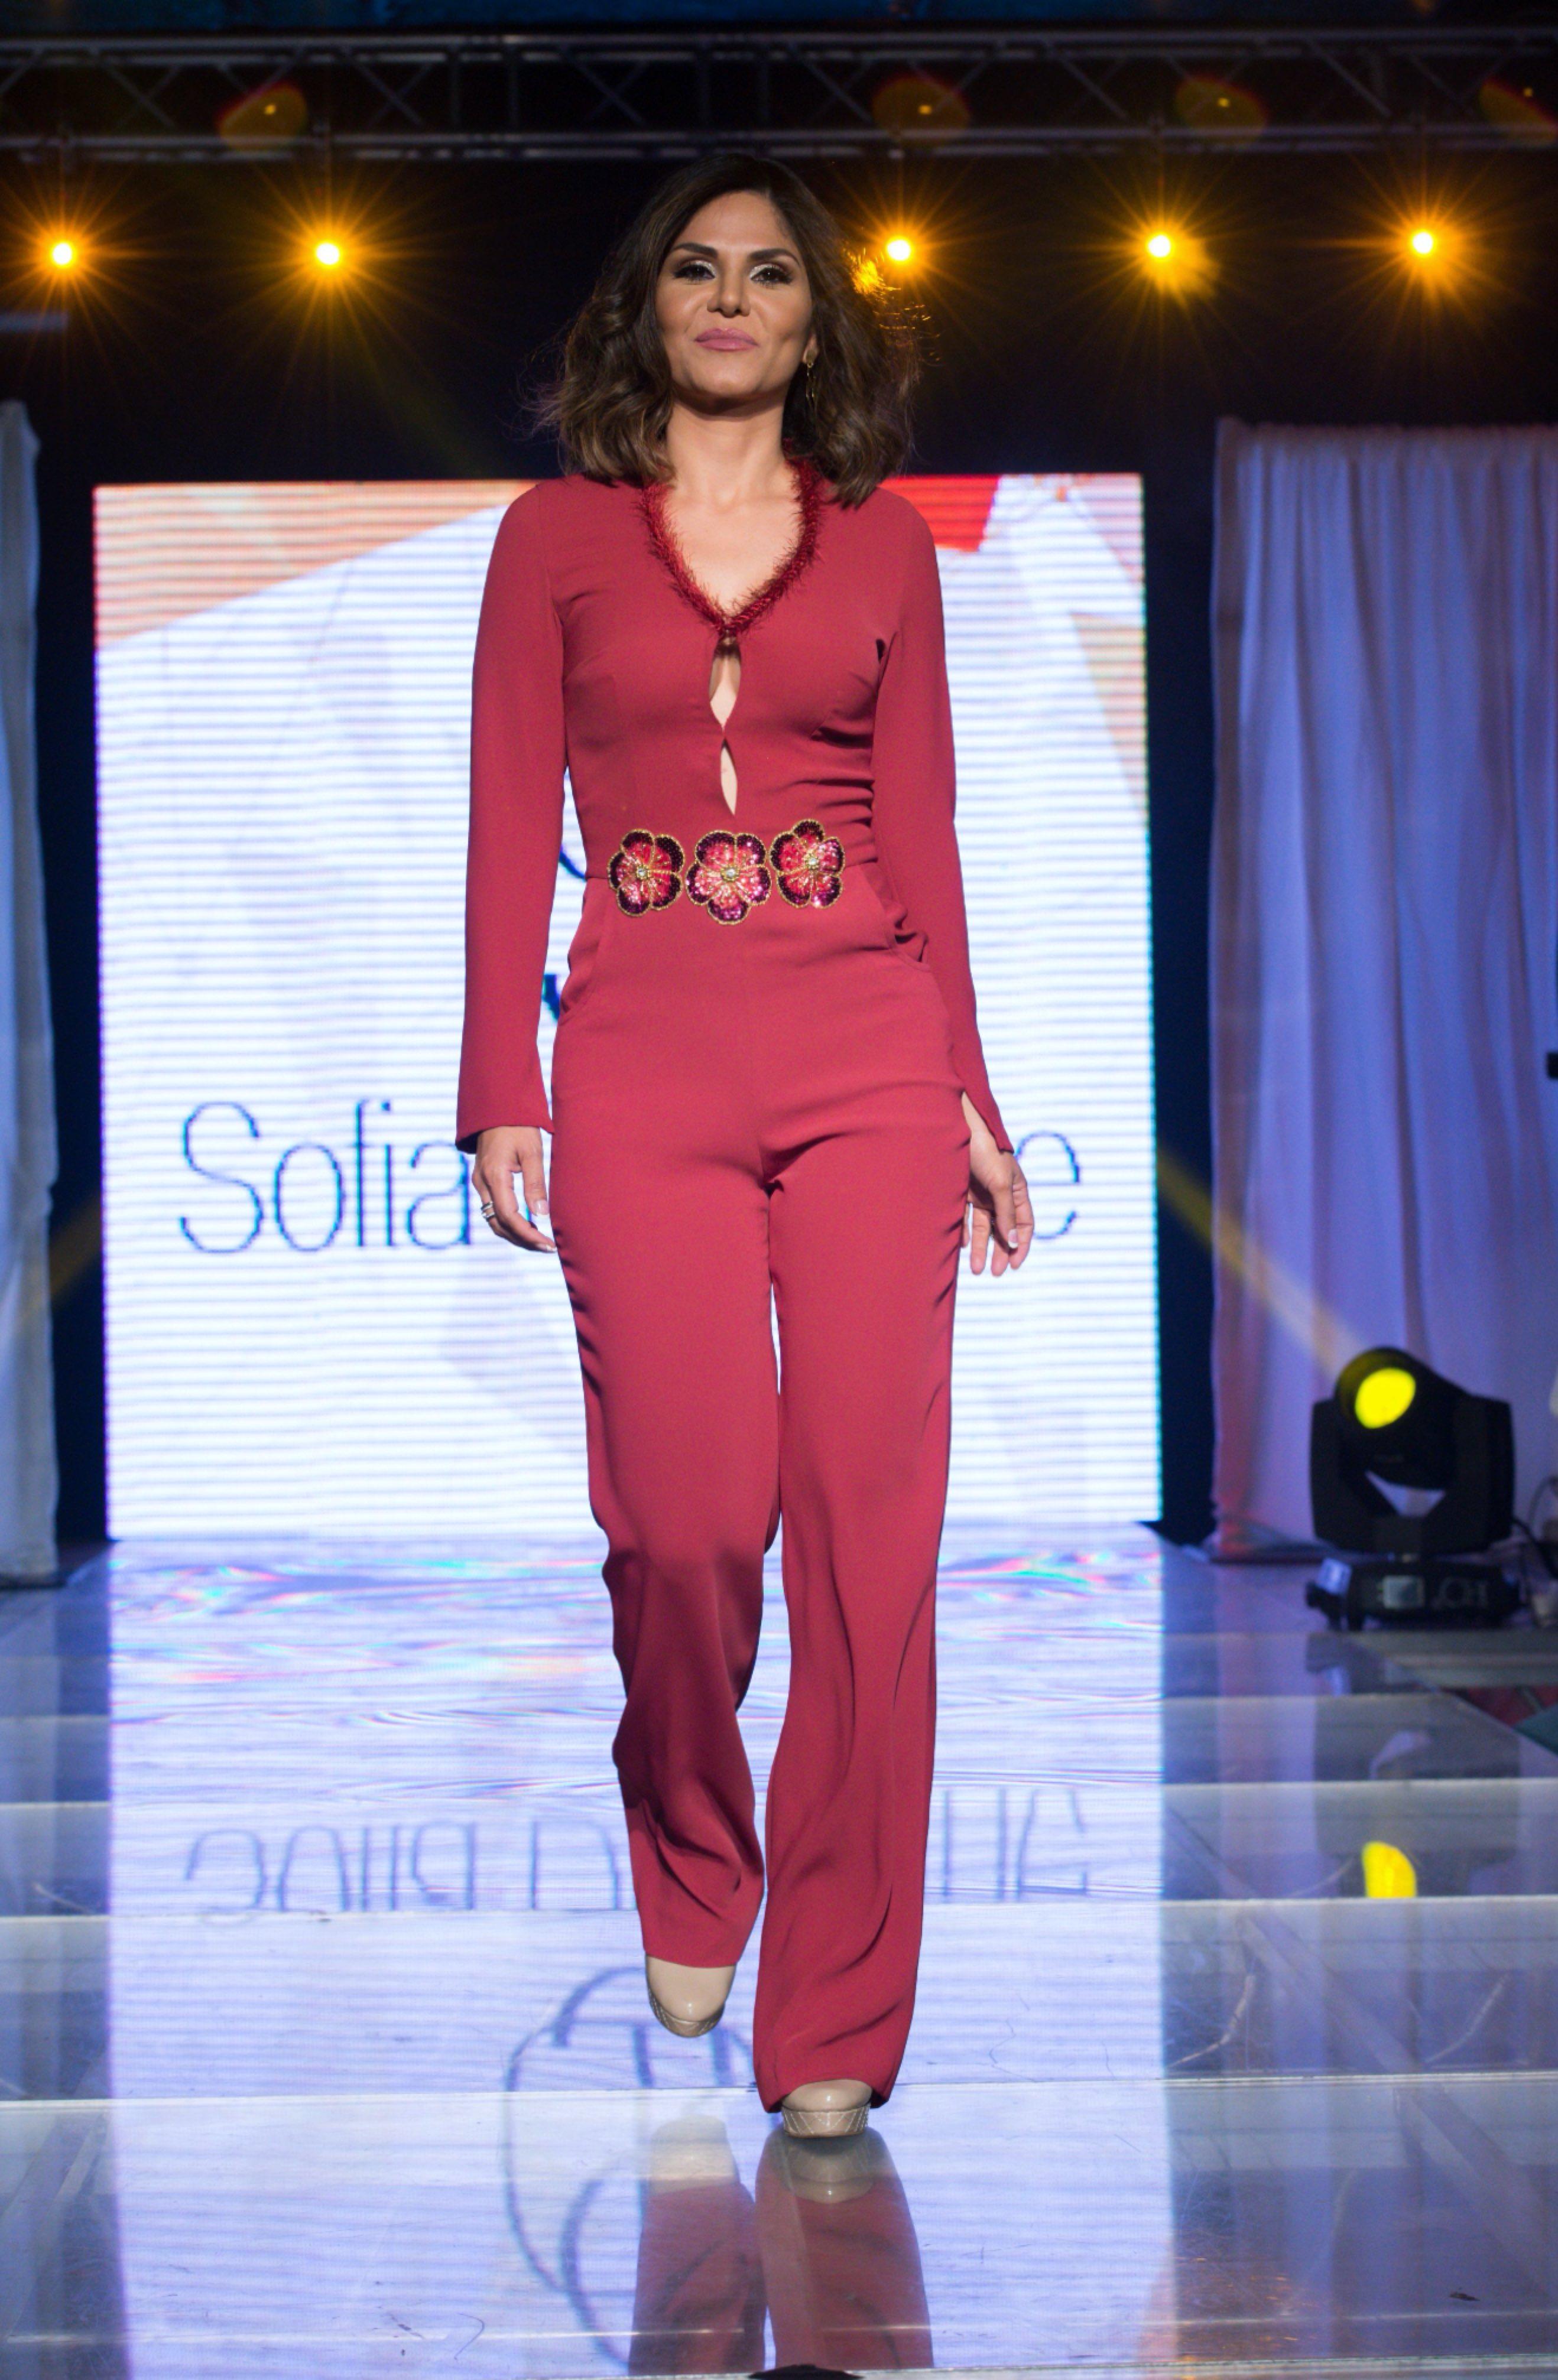 MHBF 2016 – Sofia Dumaine – 3